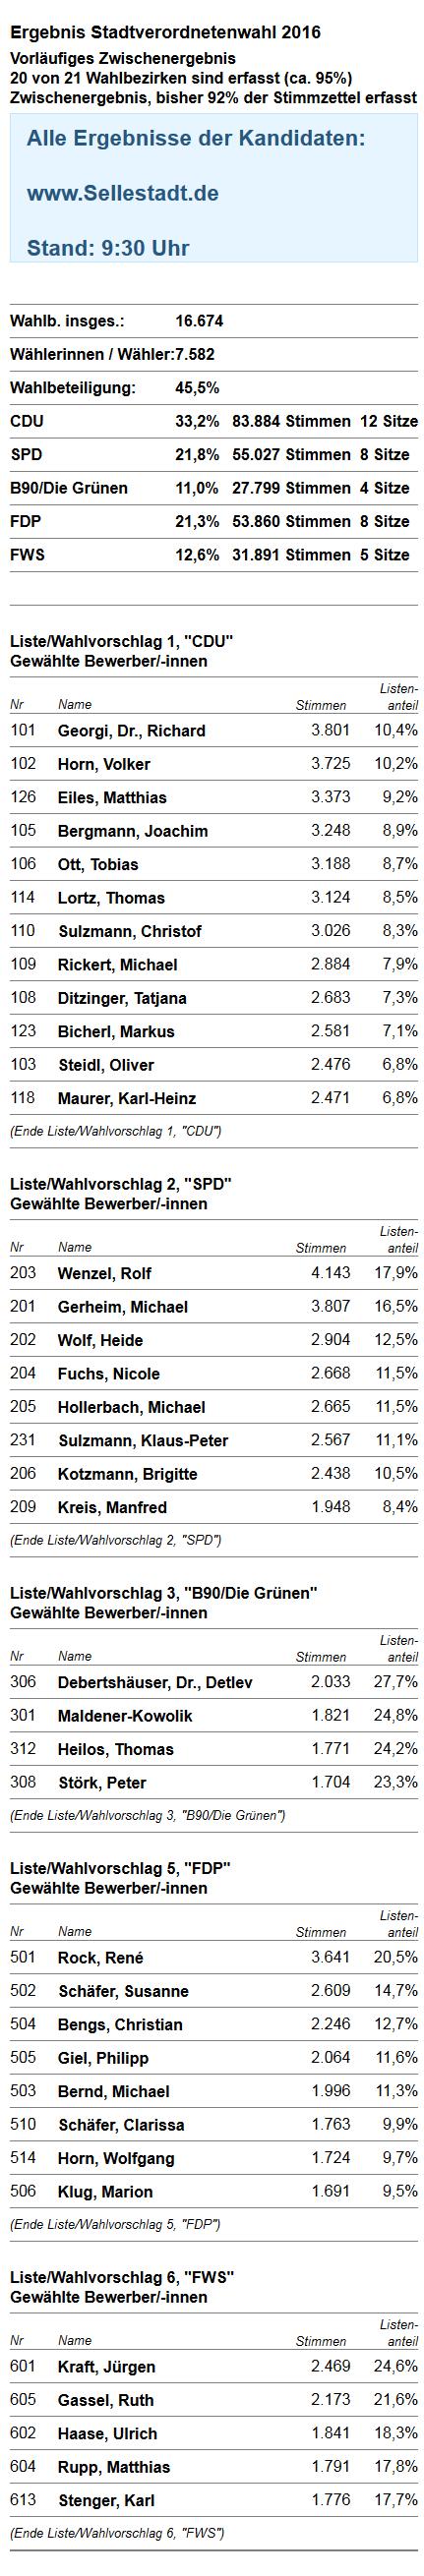 Kommunalwahl Seligenstadt vorl. Ergebnis 9:30